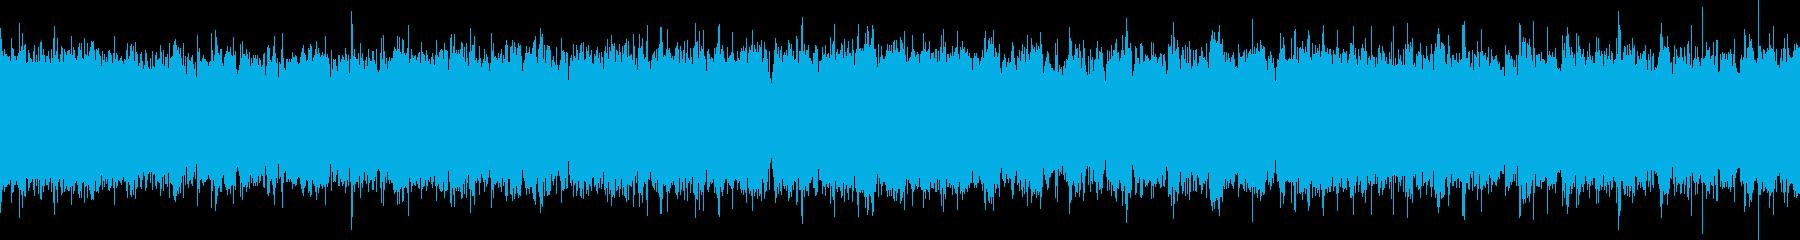 ダークなファンクループ(ちょっとテクノ)の再生済みの波形